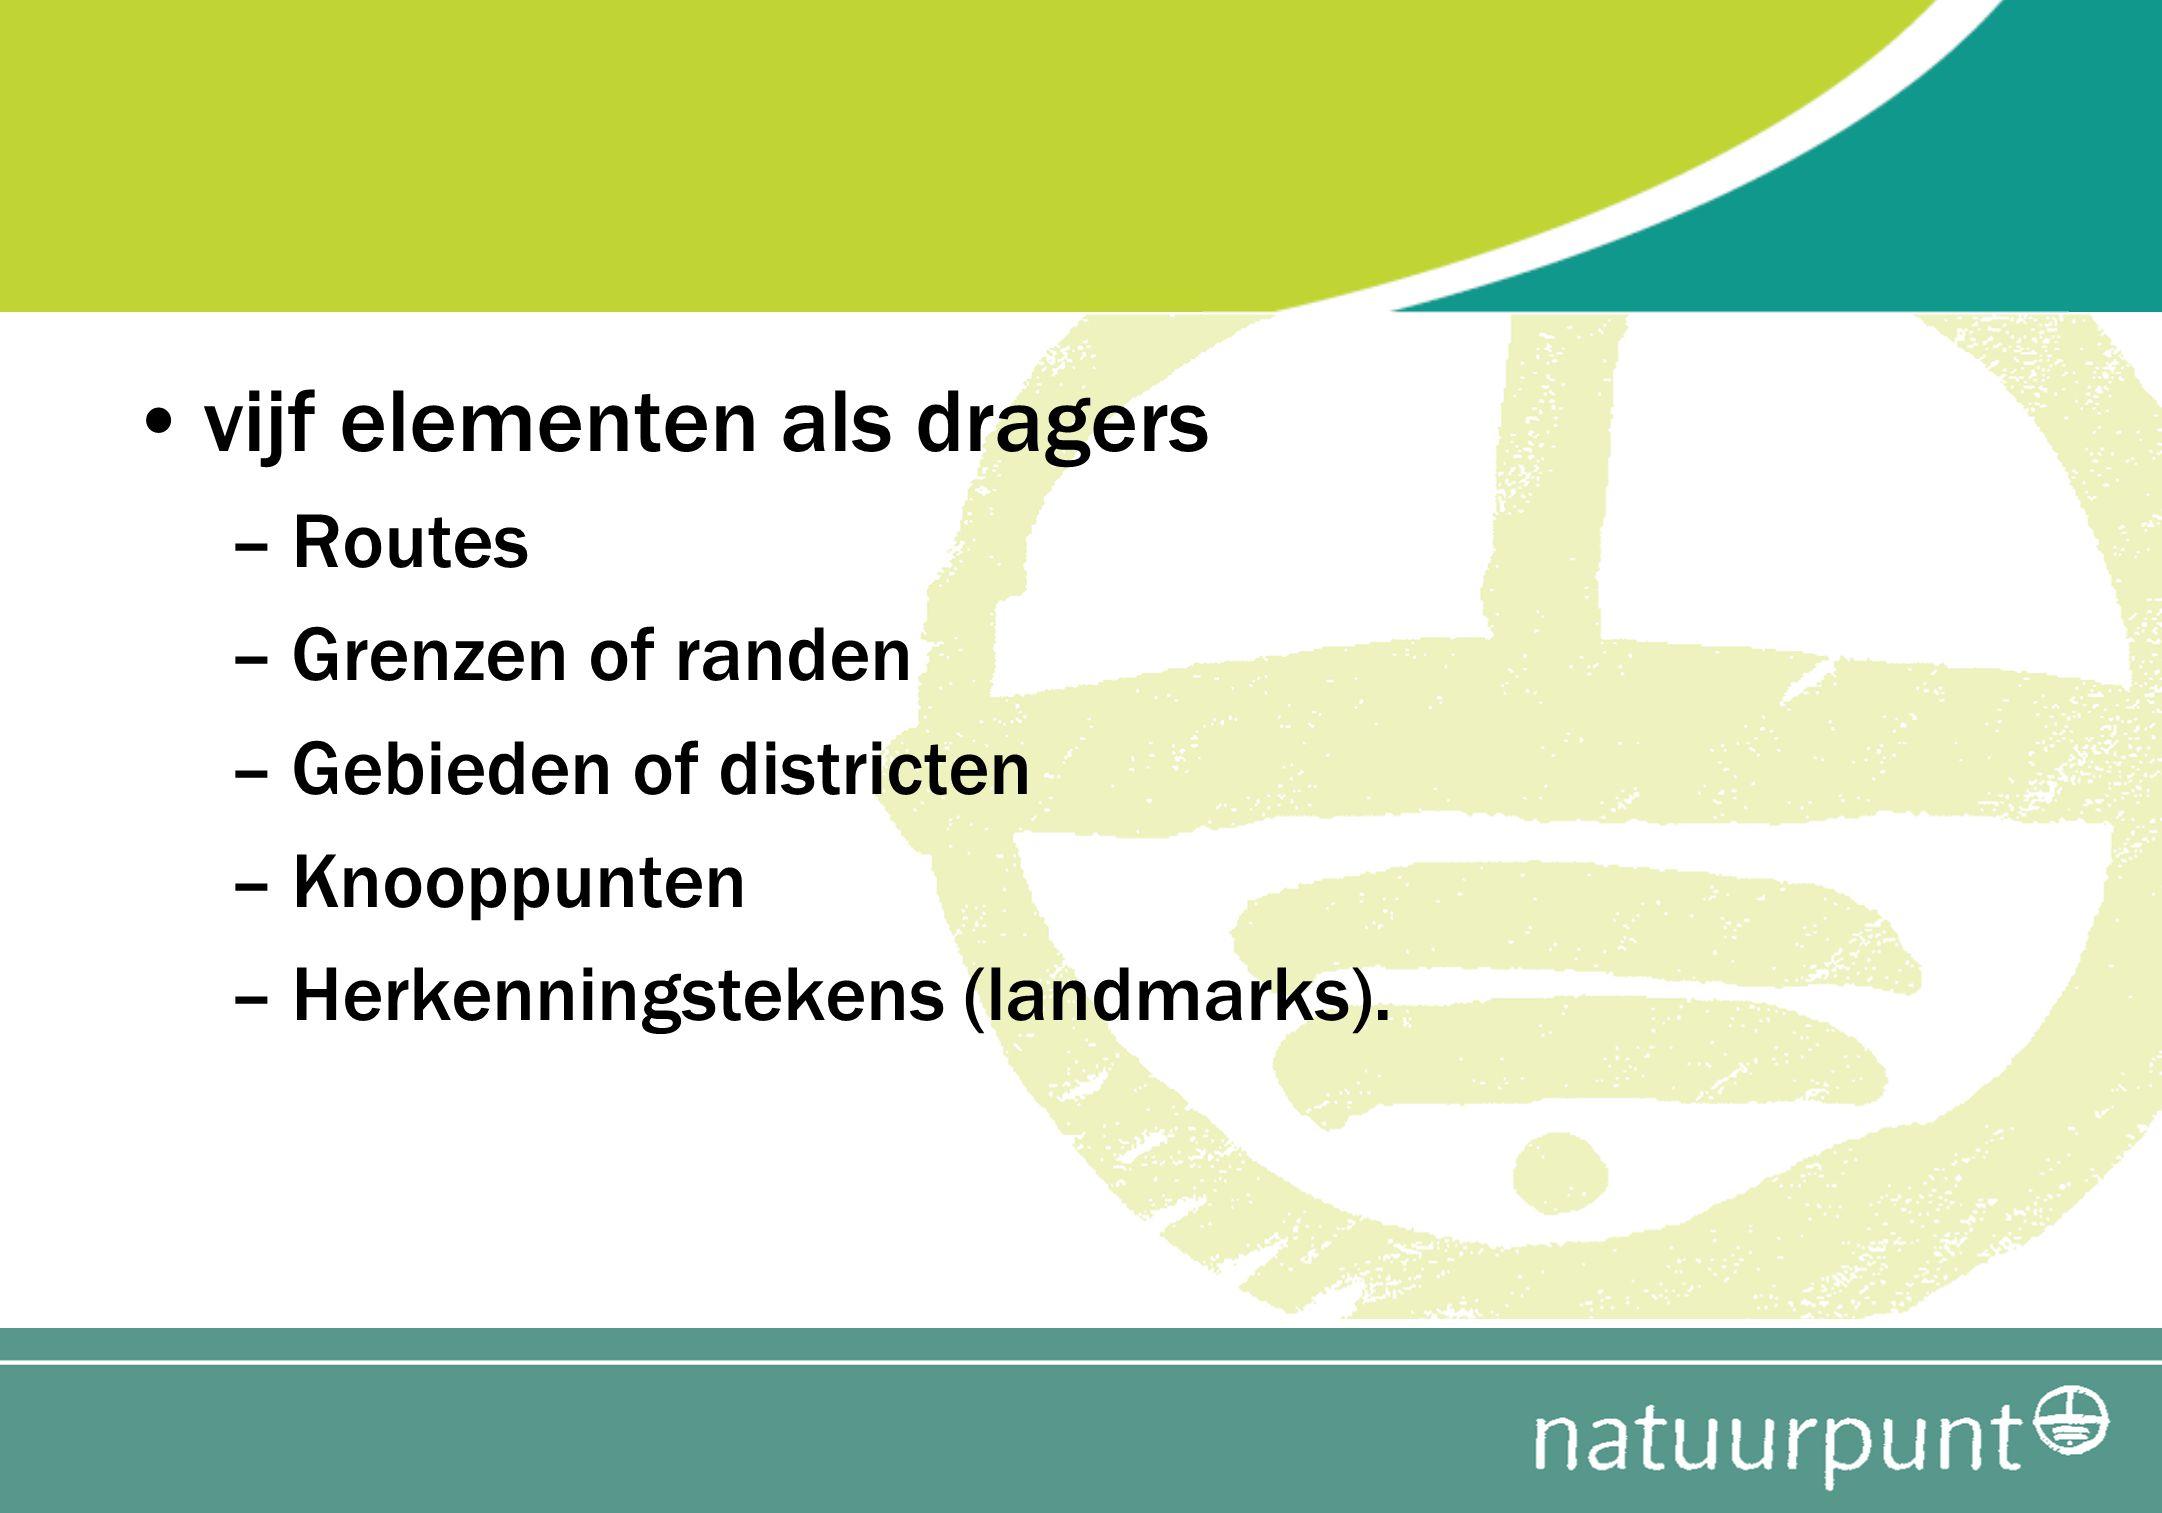 vijf elementen als dragers –Routes –Grenzen of randen –Gebieden of districten –Knooppunten –Herkenningstekens (landmarks).